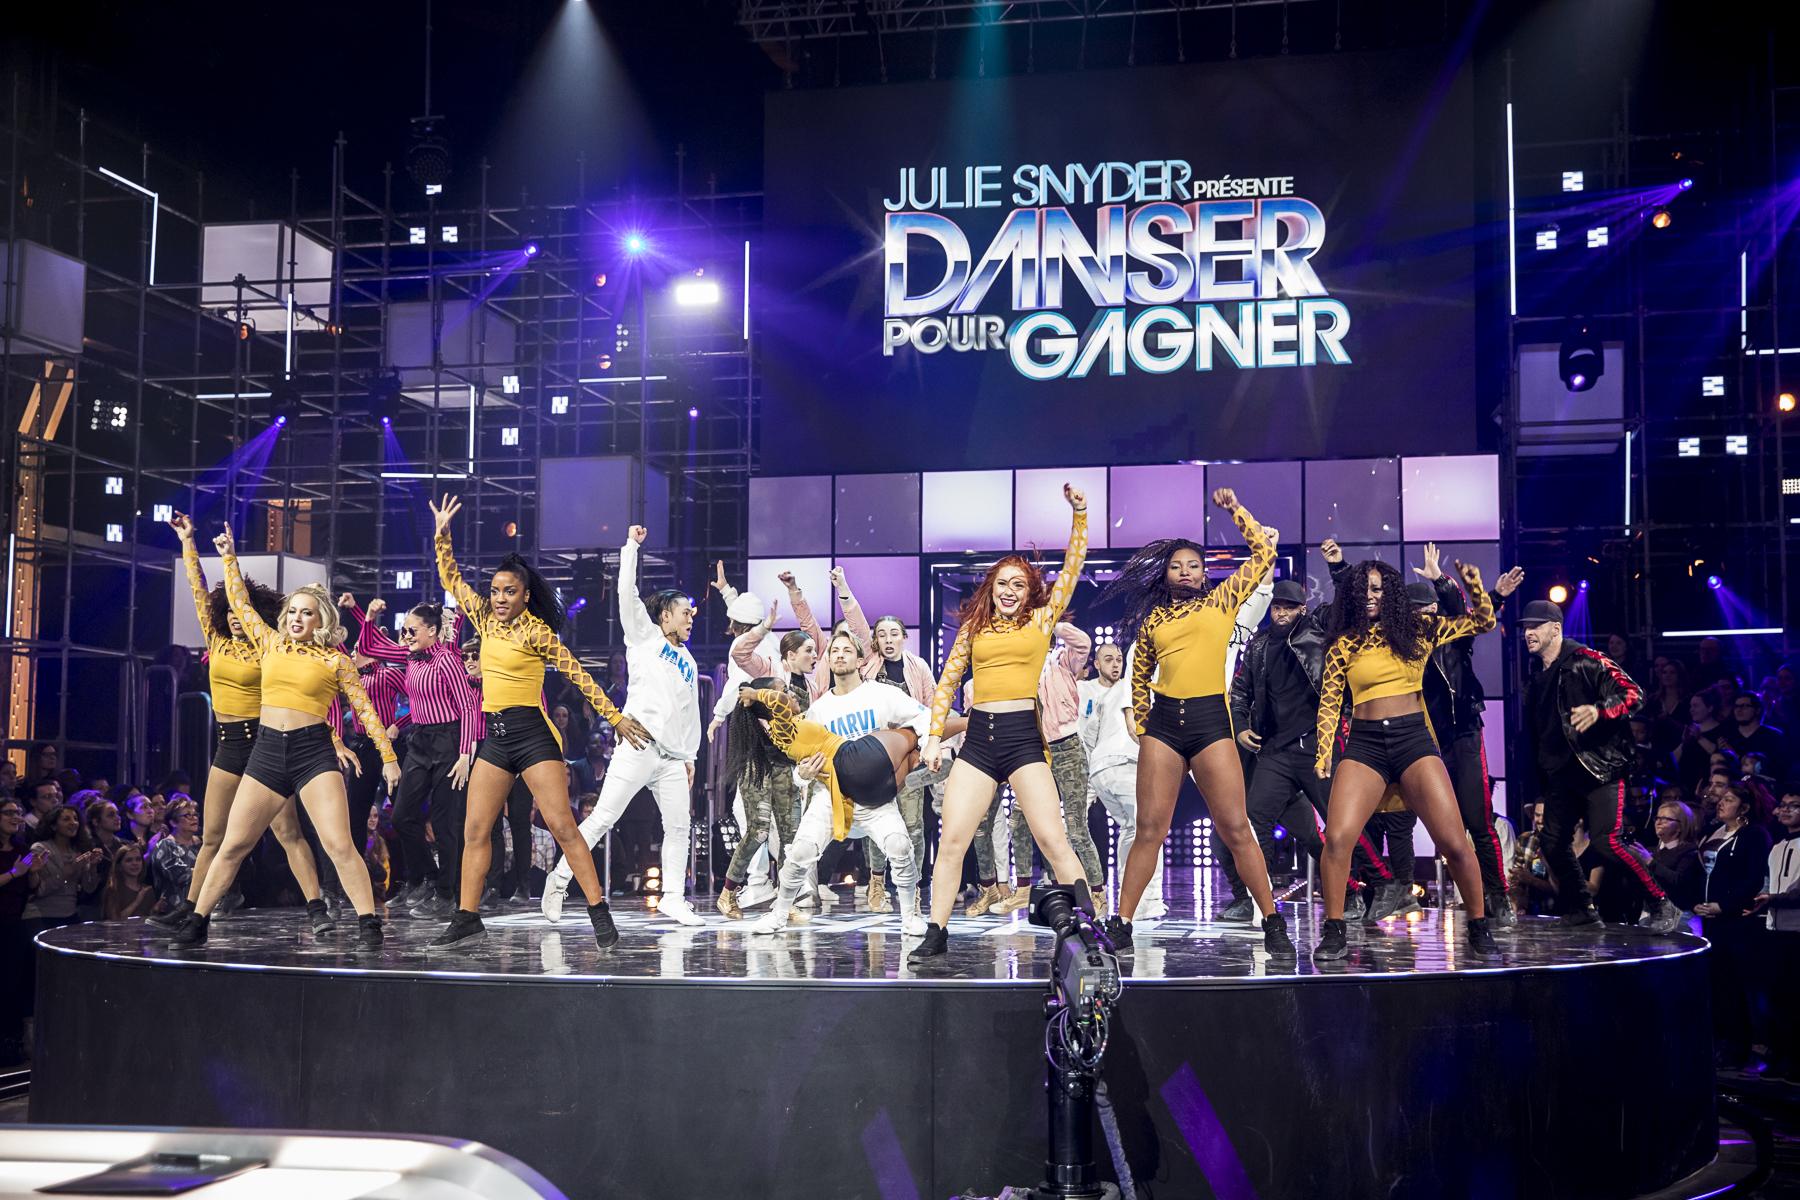 DanserPourGagne